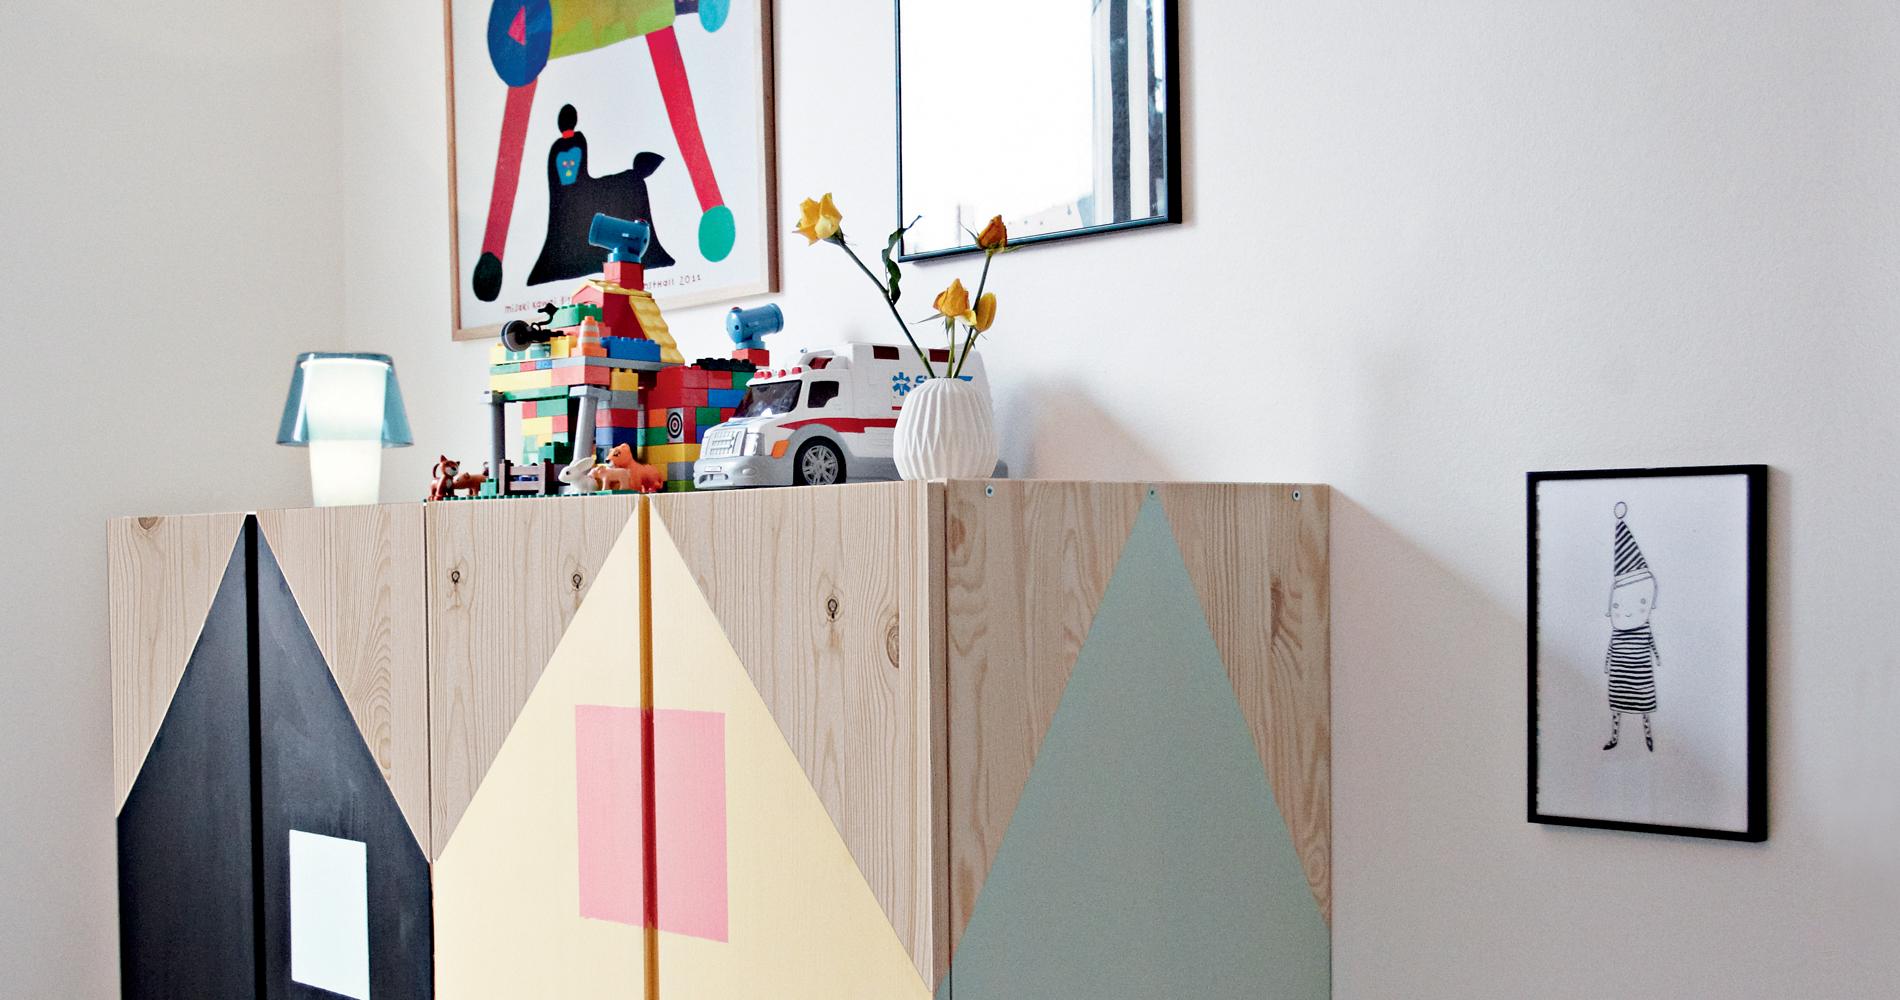 Customiser Un Cadre De Miroir les 30 meilleurs détournements de meubles ikea - madame figaro